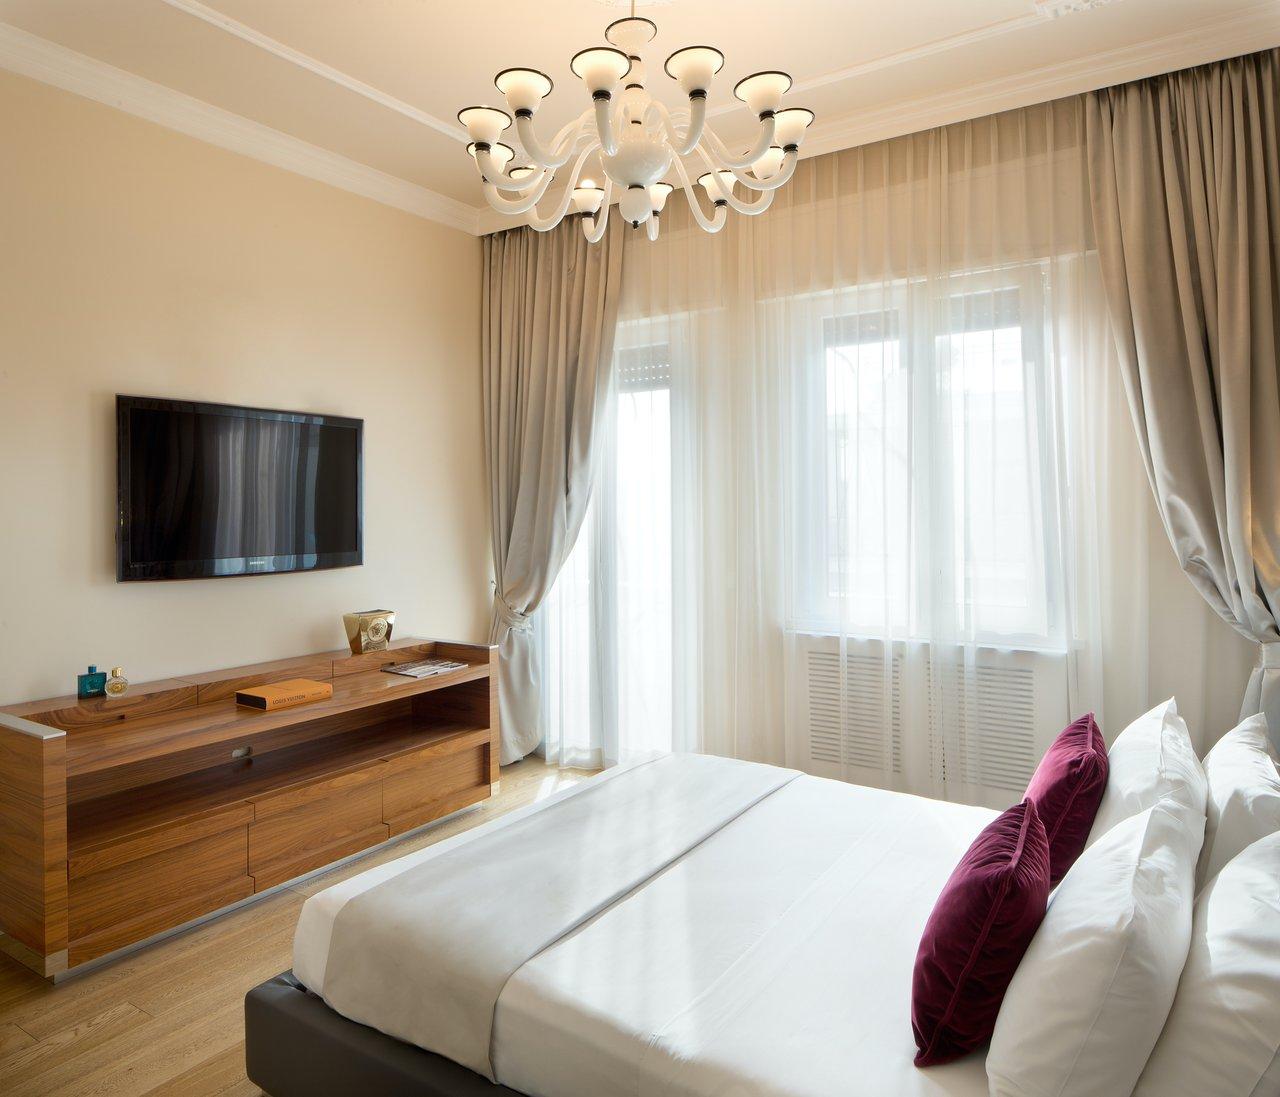 B&b Corso Sempione Milano suite milano duomo $134 ($̶1̶6̶4̶) - prices & b&b reviews